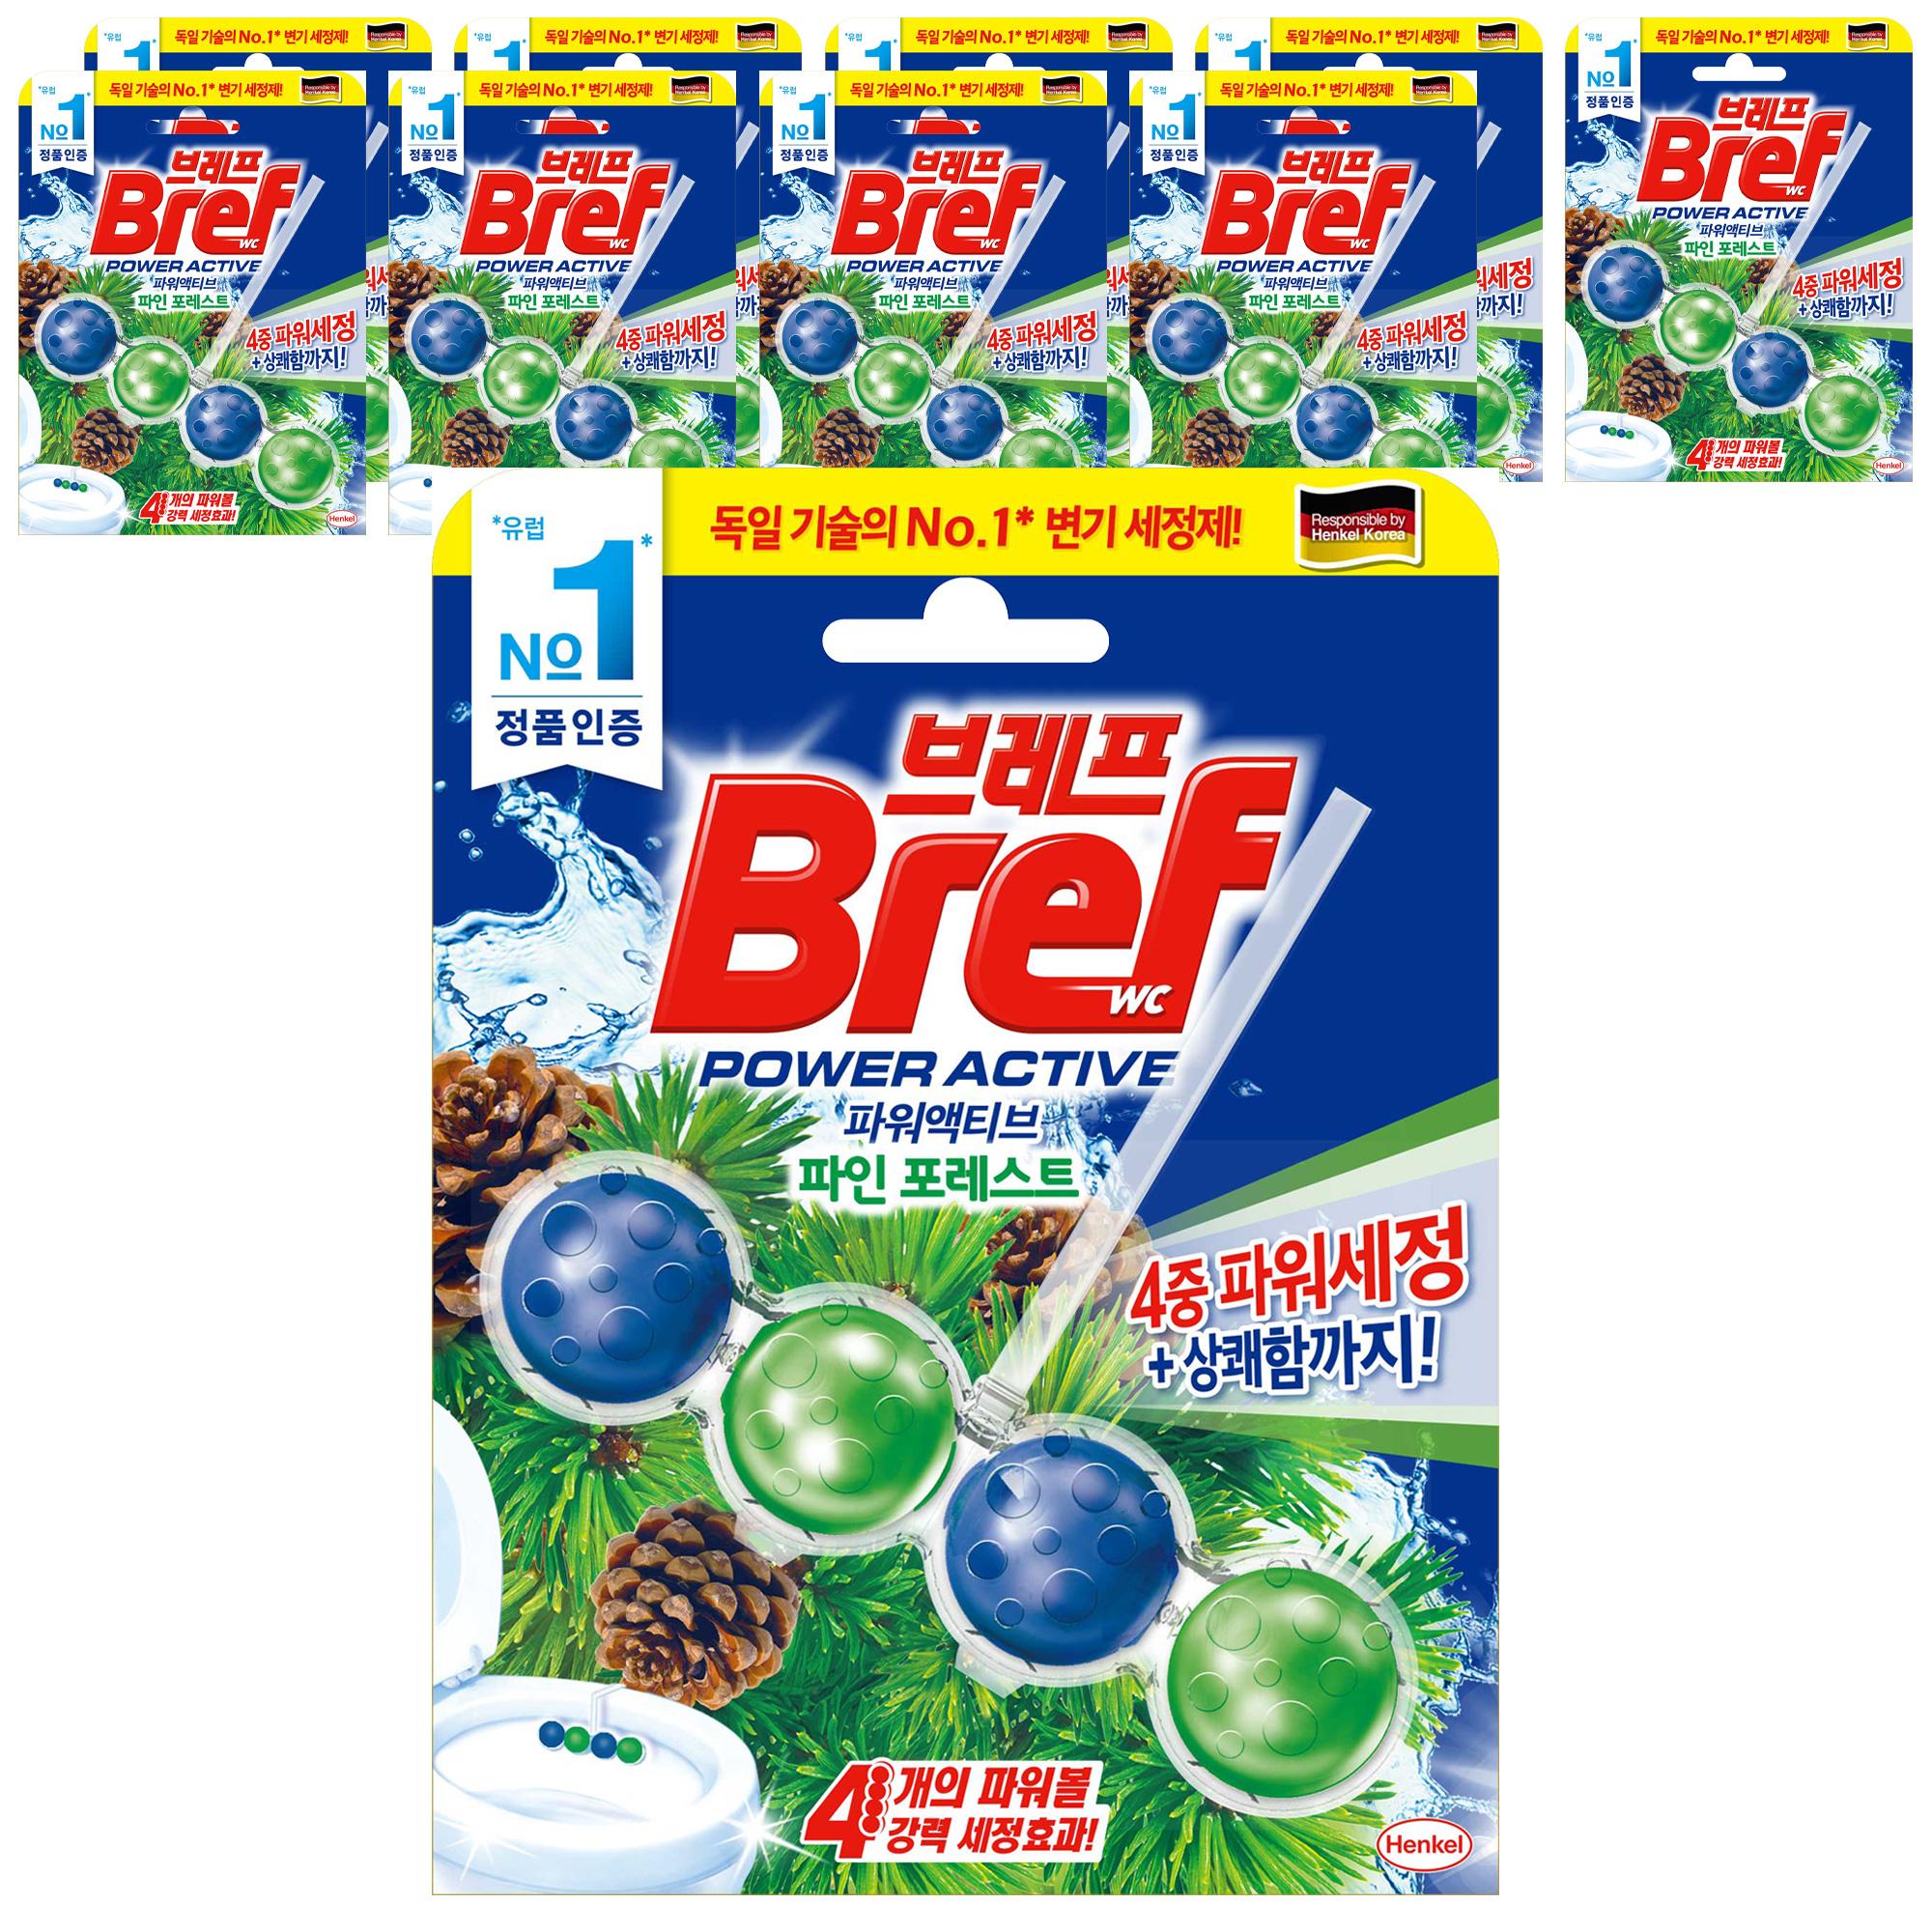 브레프 파워액티브 변기세정제 파인향, 10개